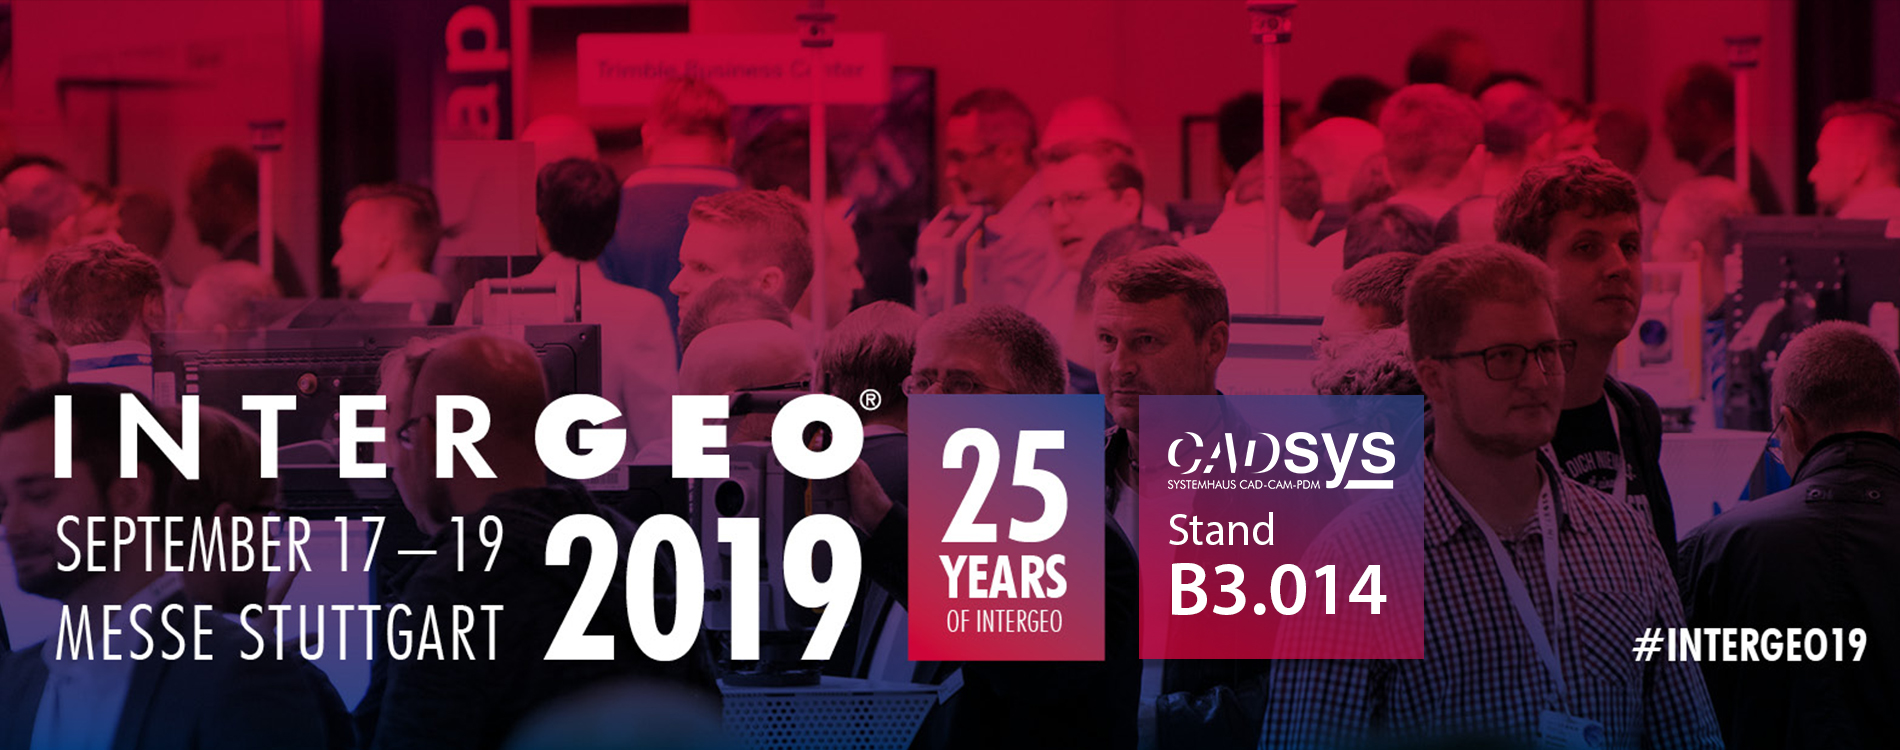 INTERGEO 2019 - Stuttgart